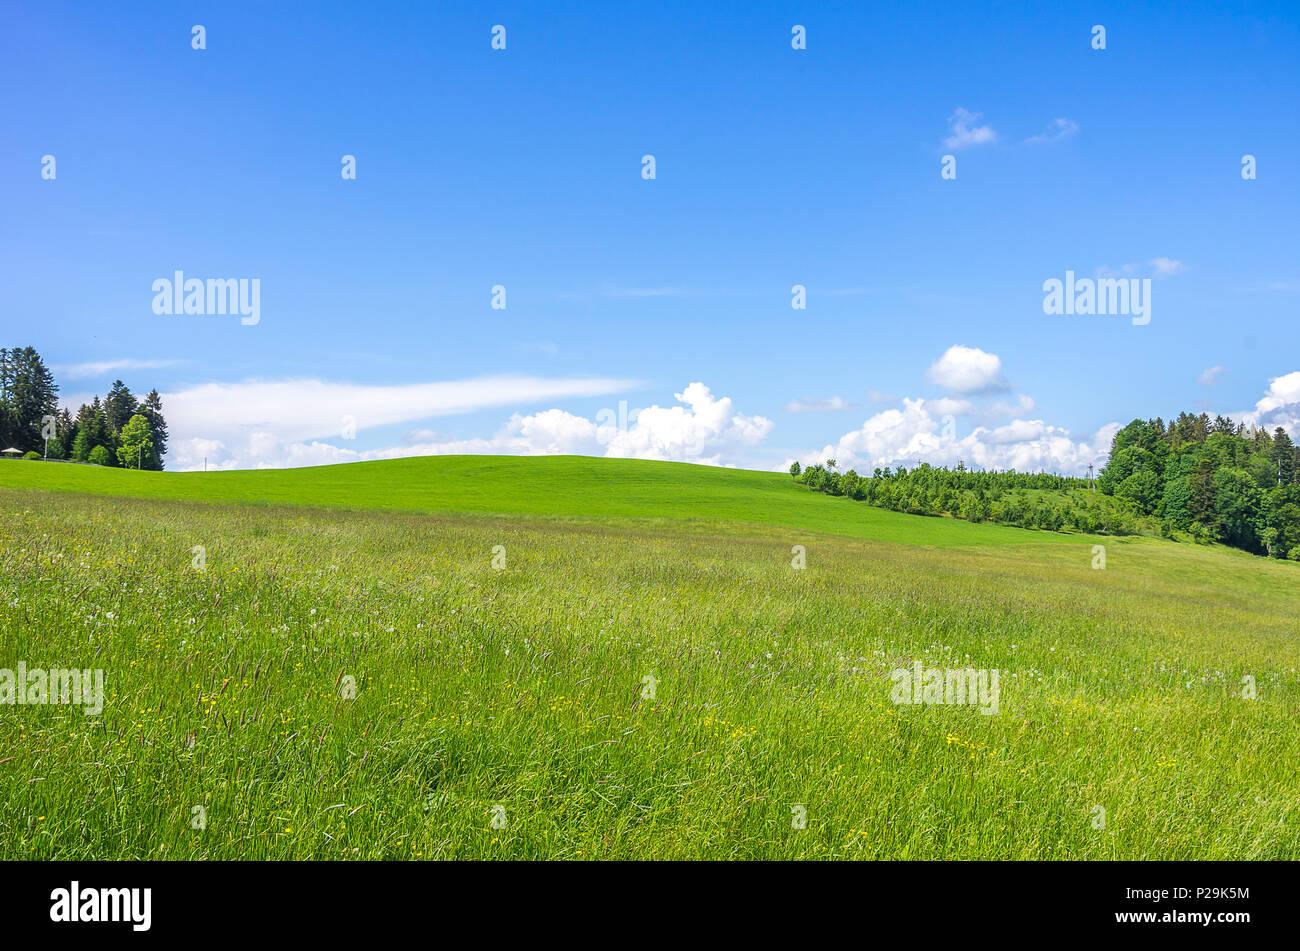 Hayfield und Landschaft im Westallgau Region rund um den Ort der Scheidegg in der Nähe von Lindau, Bayern, Deutschland. Stockbild